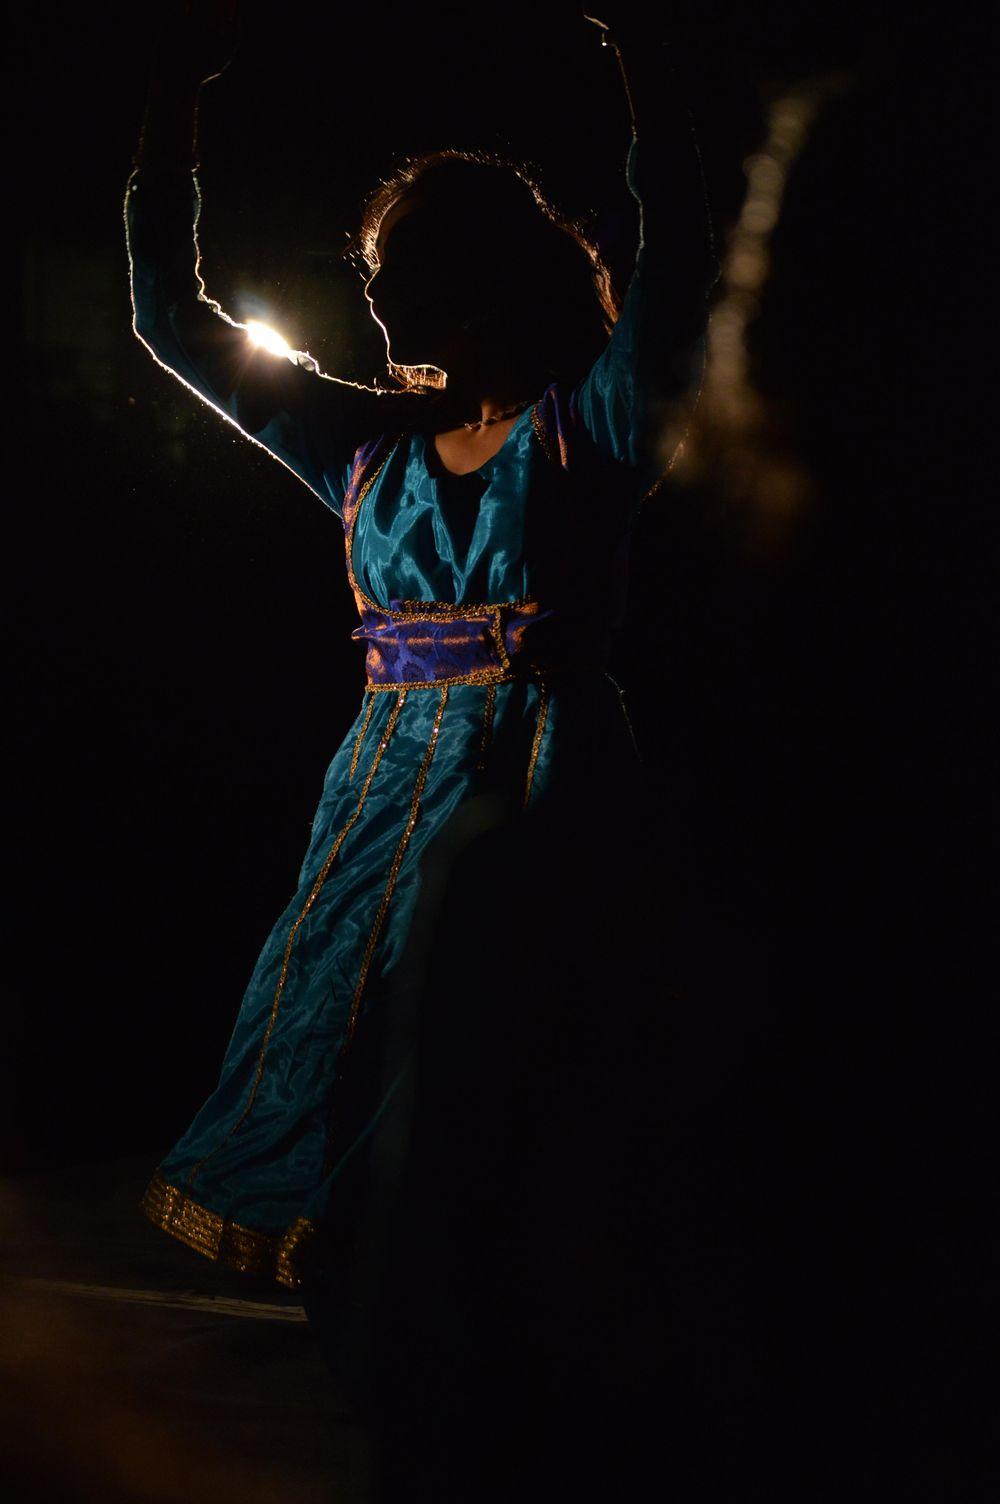 Dancer celebrating Diwali - image 2 - student project